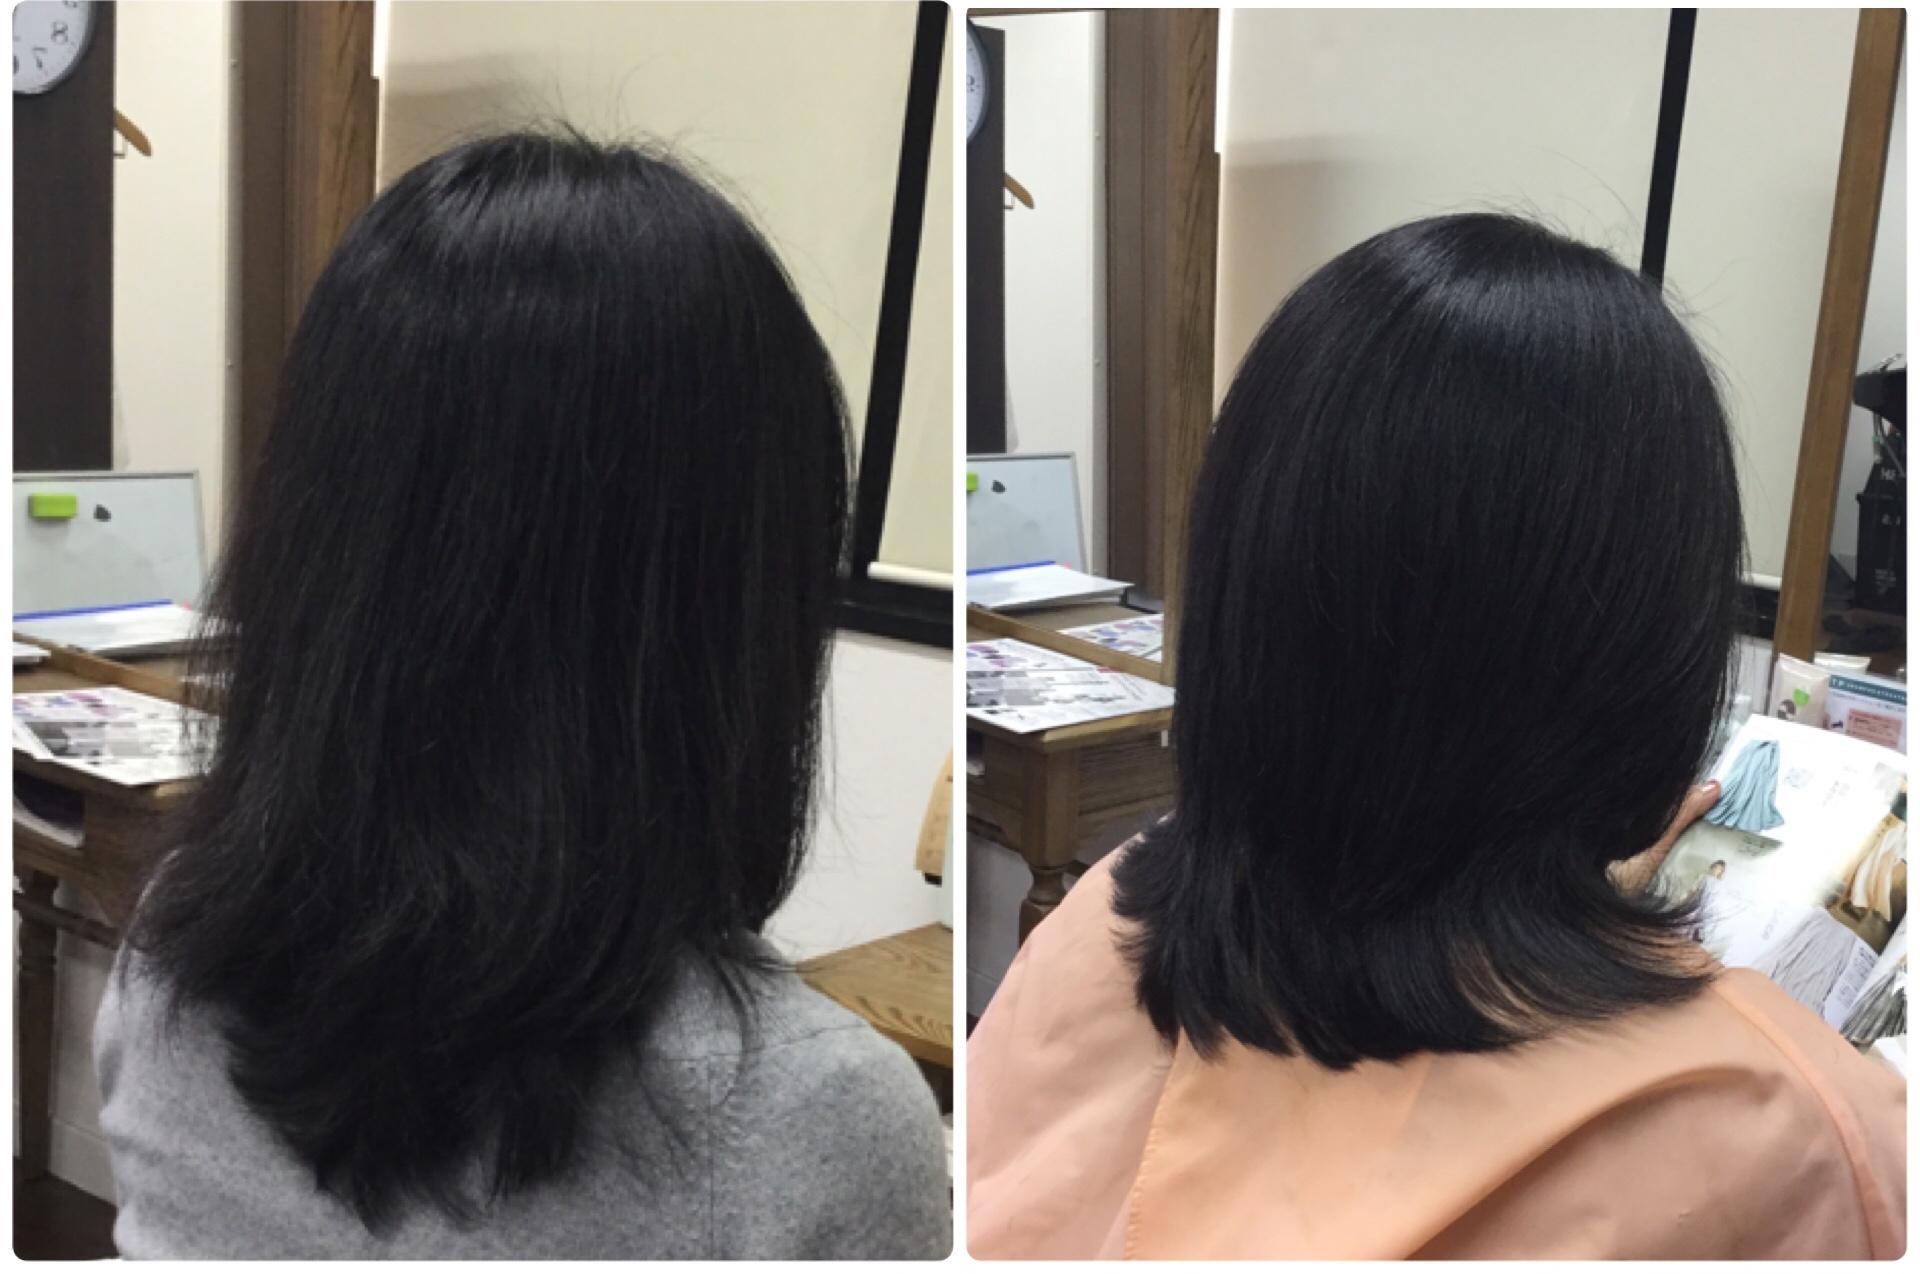 I縮毛矯正以外で【広がる多毛おさまり】を良くするすきハサミを使わないカット神戸岡本くせ毛専門美容室